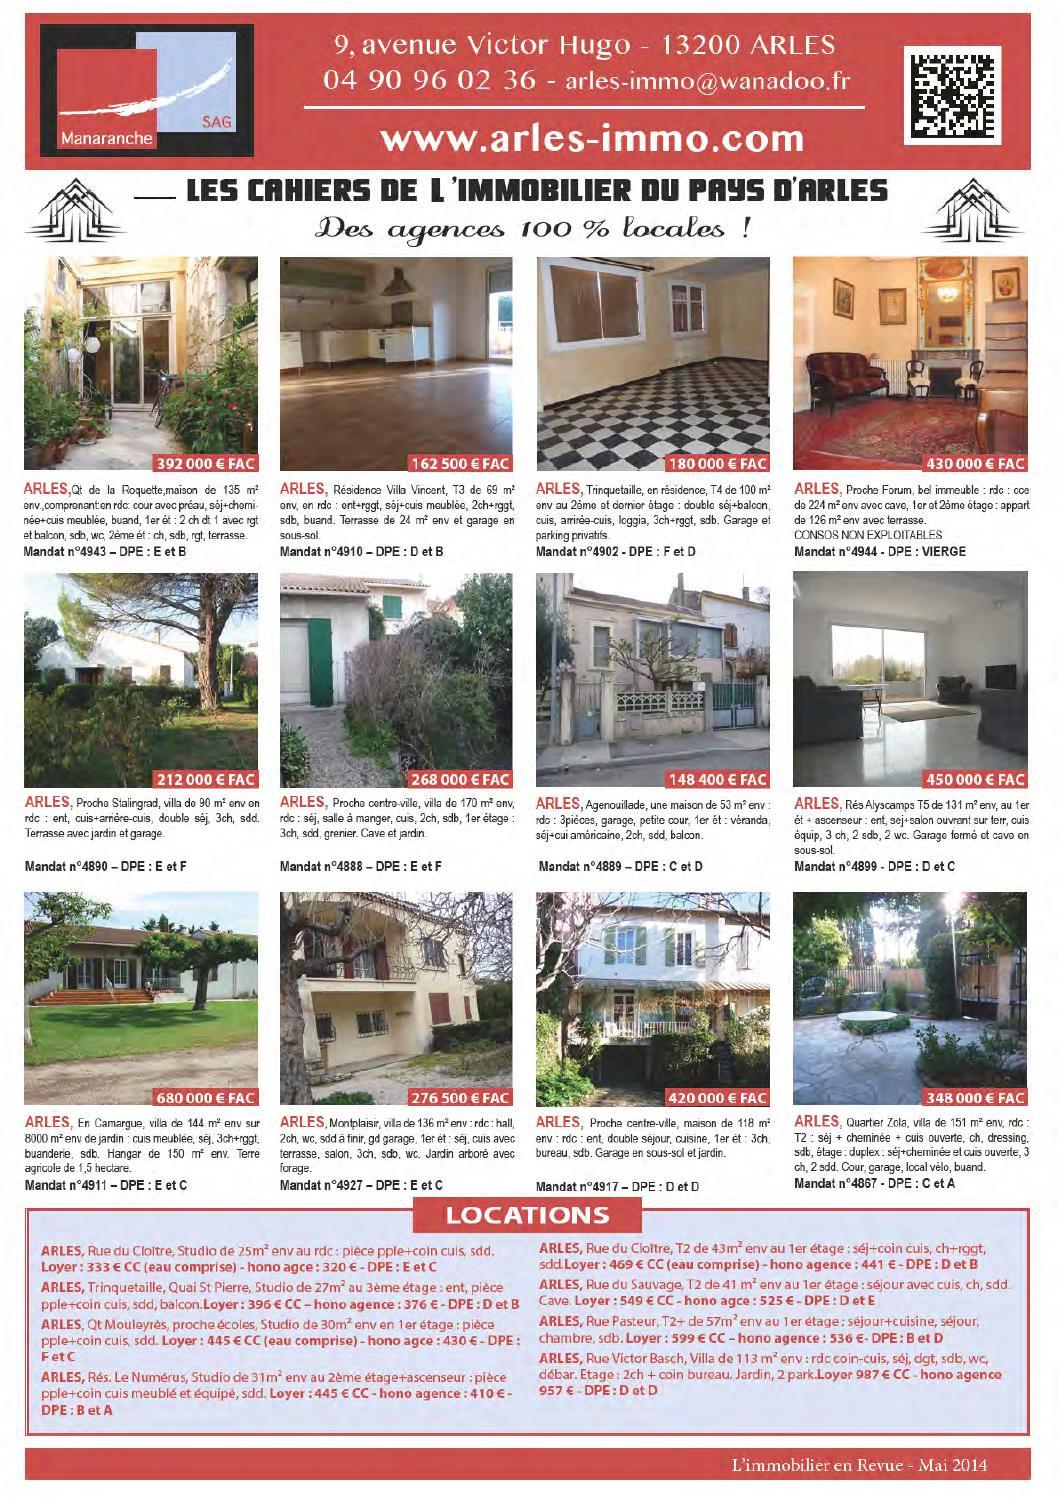 Salon De Jardin Americain les cahiers de l'immobilier du pays d'arleso10com - issuu